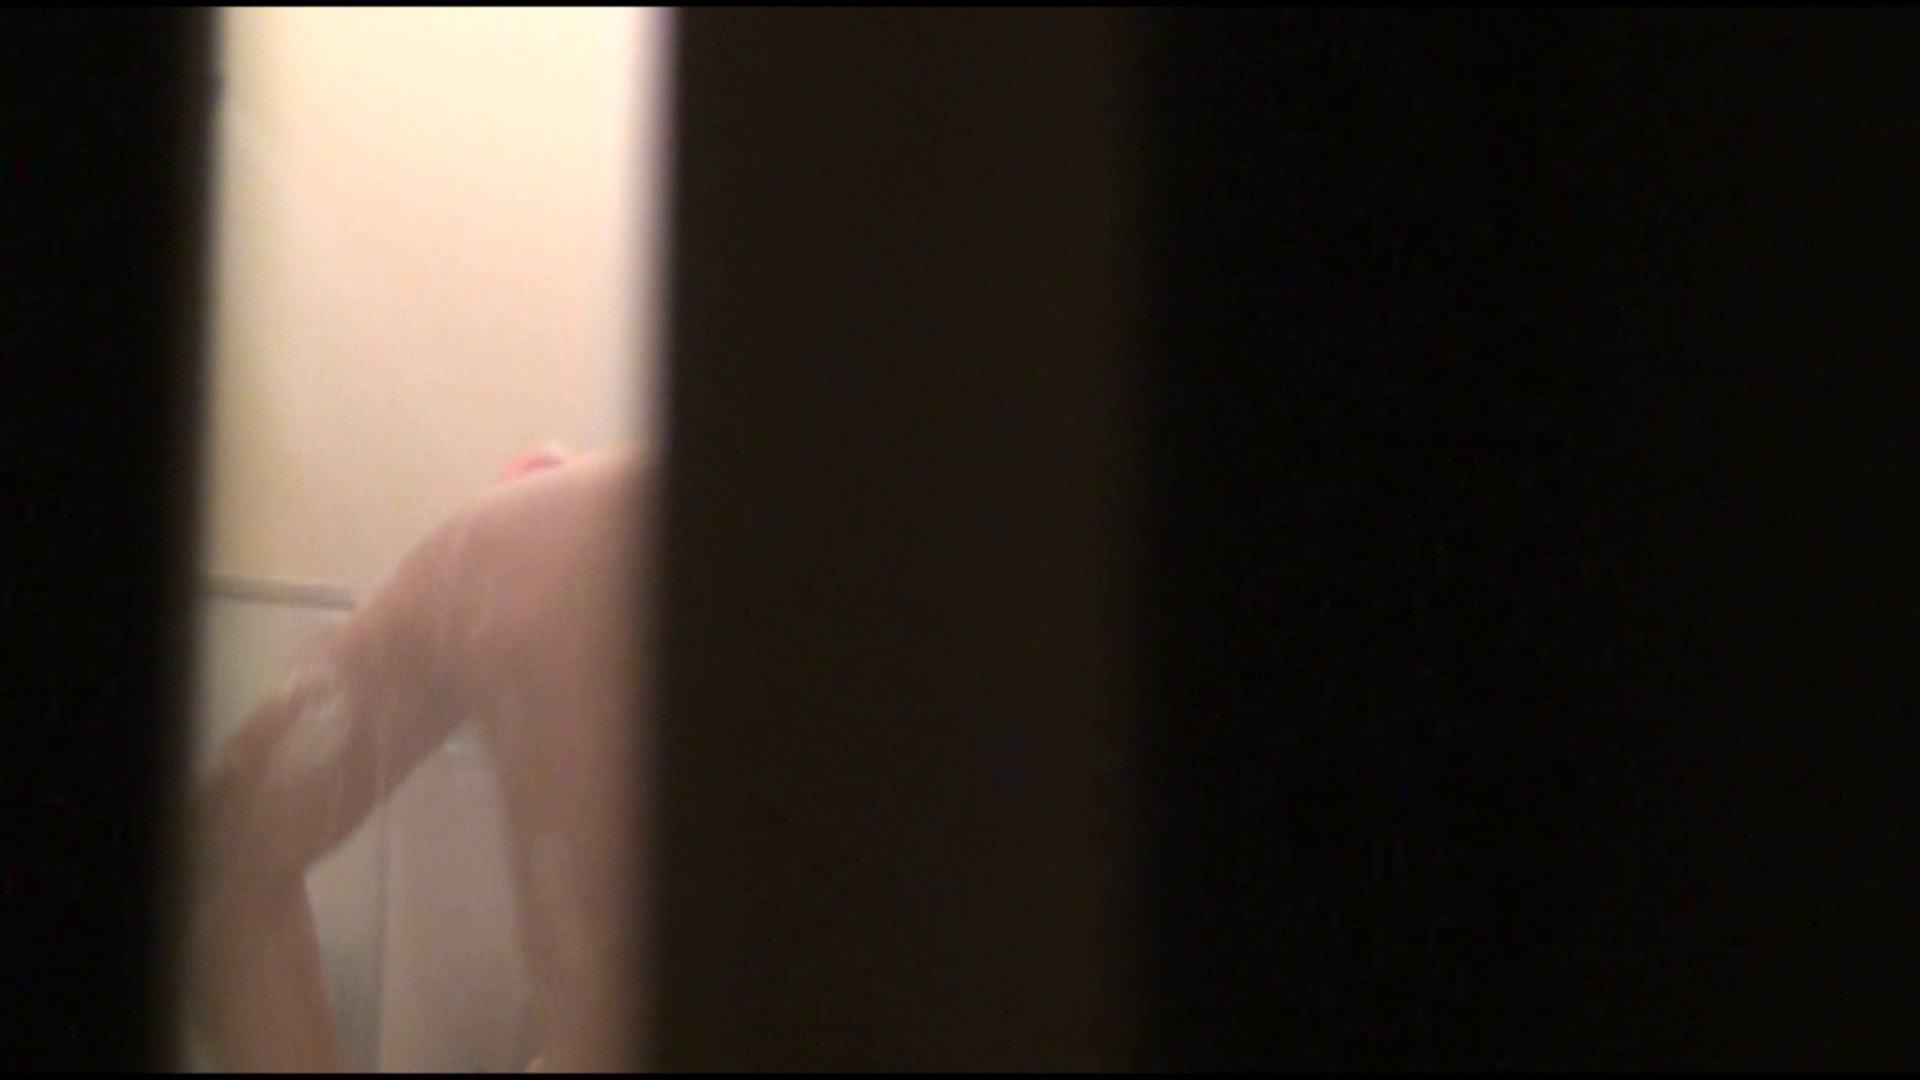 vol.08最高のパイラインを流れるシャワーの水が極上嬢をさらに引き立てます! 民家 すけべAV動画紹介 78画像 29